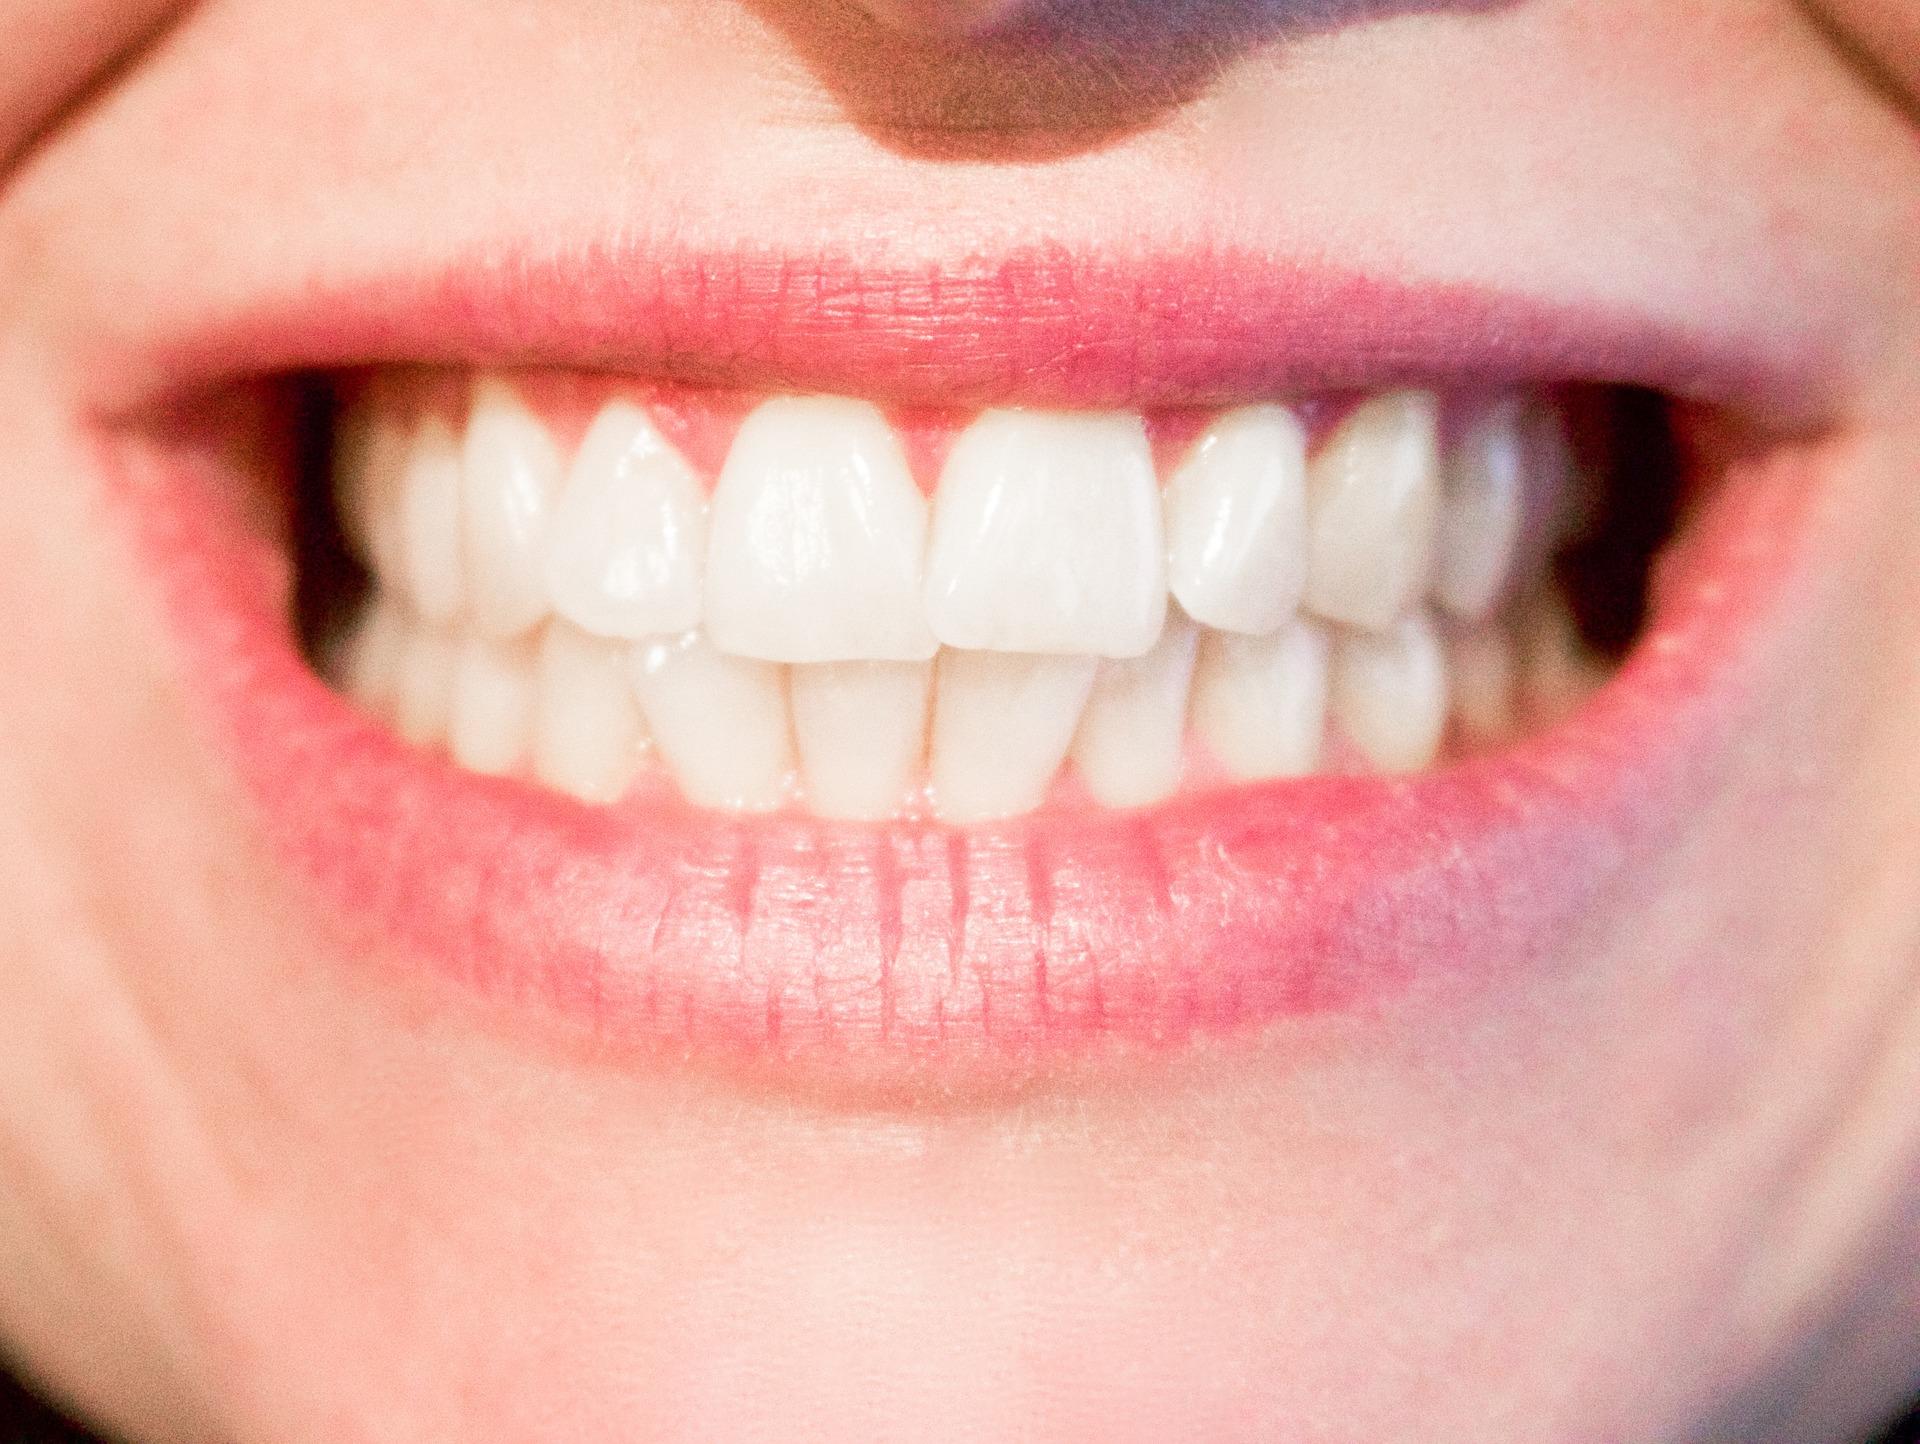 teeth-whitening-Kaimuki-Dental-Group-HI